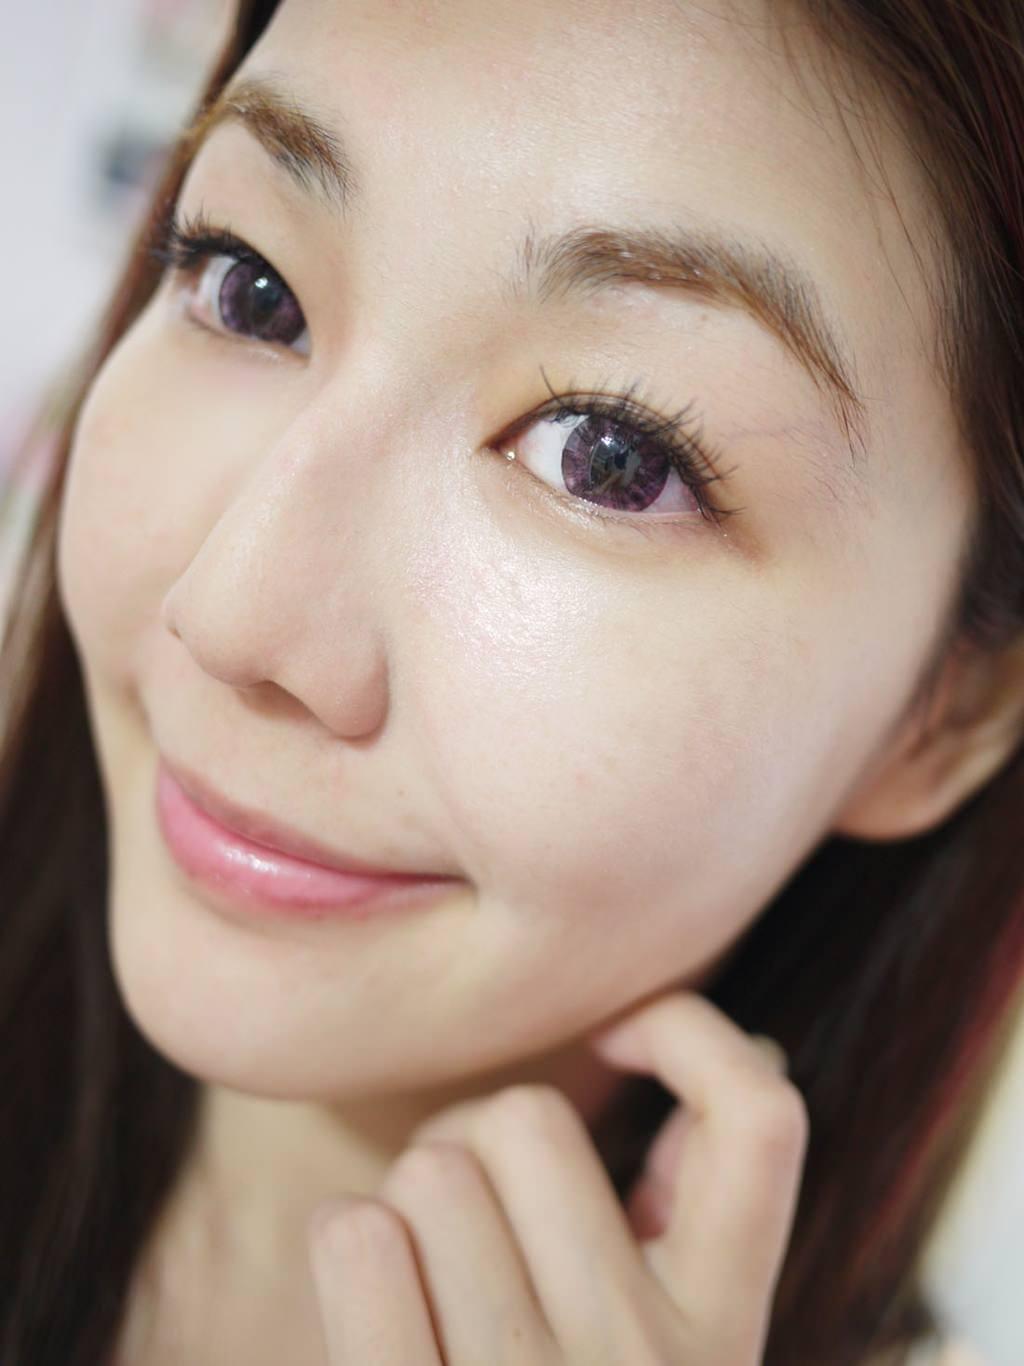 Dr.Jart+,韓國保養,肌膚專家,亞洲保養,保濕,亮白,水凝霜,敏弱肌,天然保養,335